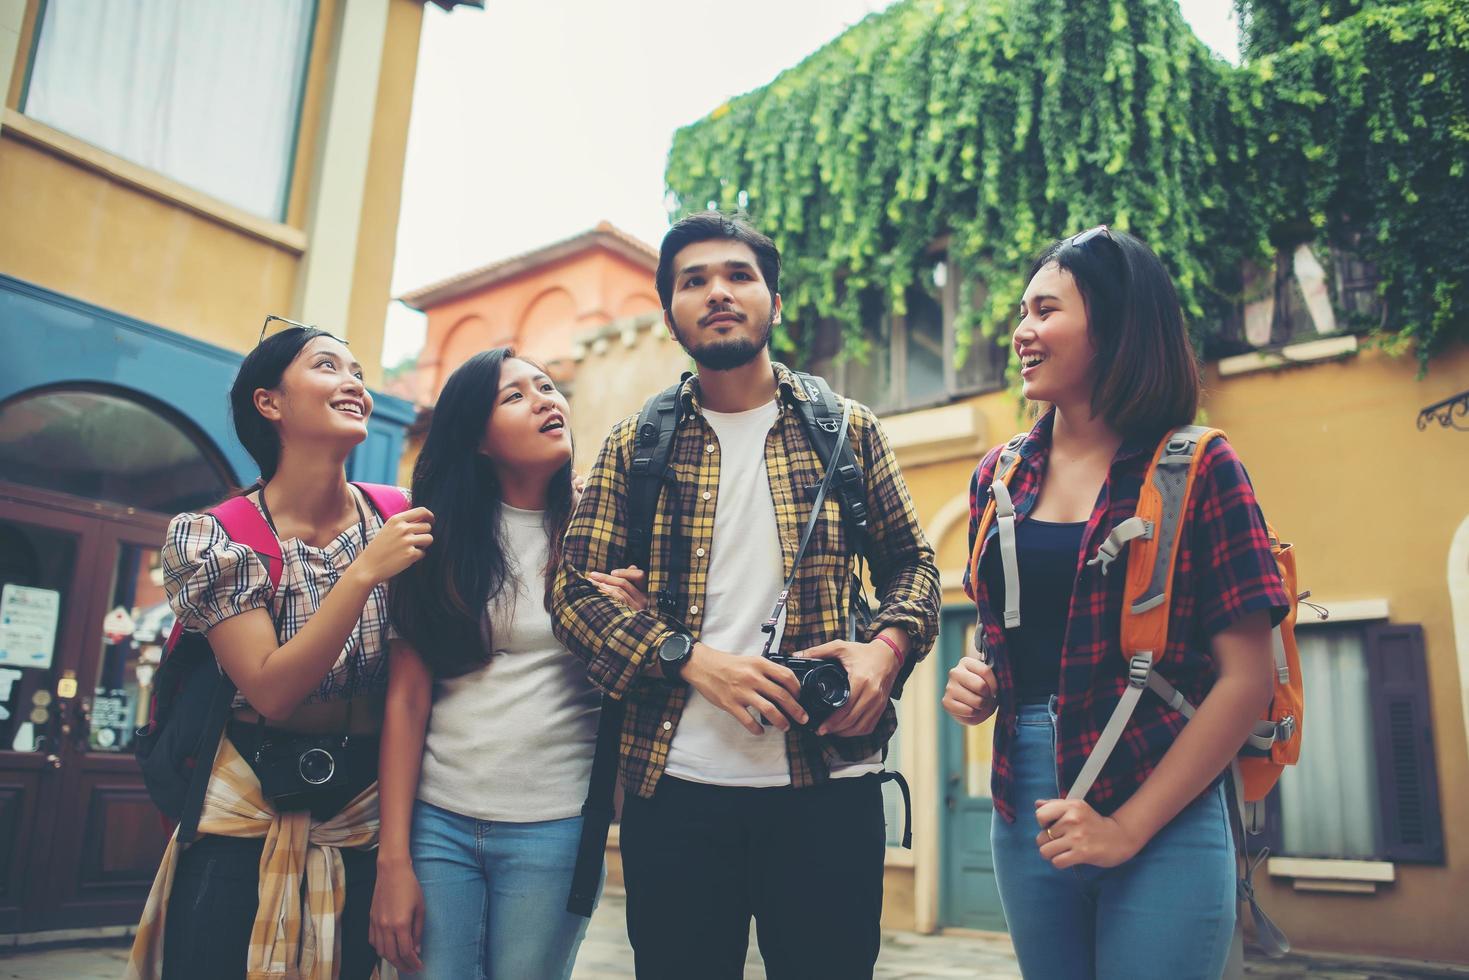 groep vrienden bijeen in het stadscentrum foto